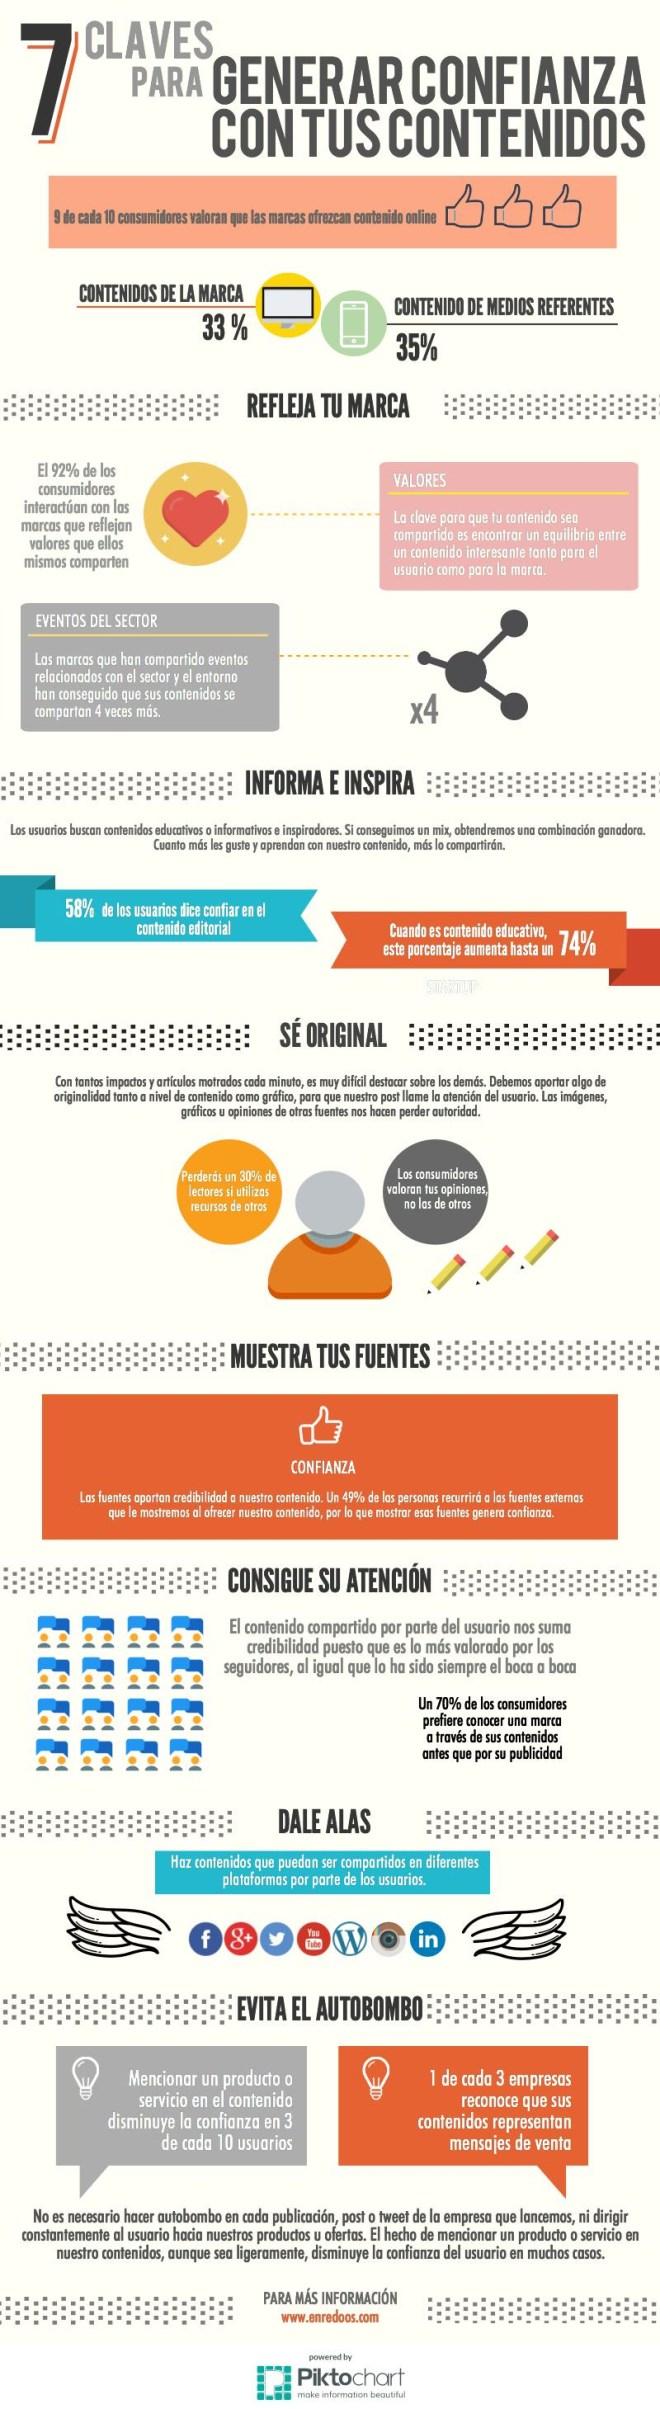 http://www.enredoos.com/es/blog/genera-confianza-a-traves-de-tus-contenidos/